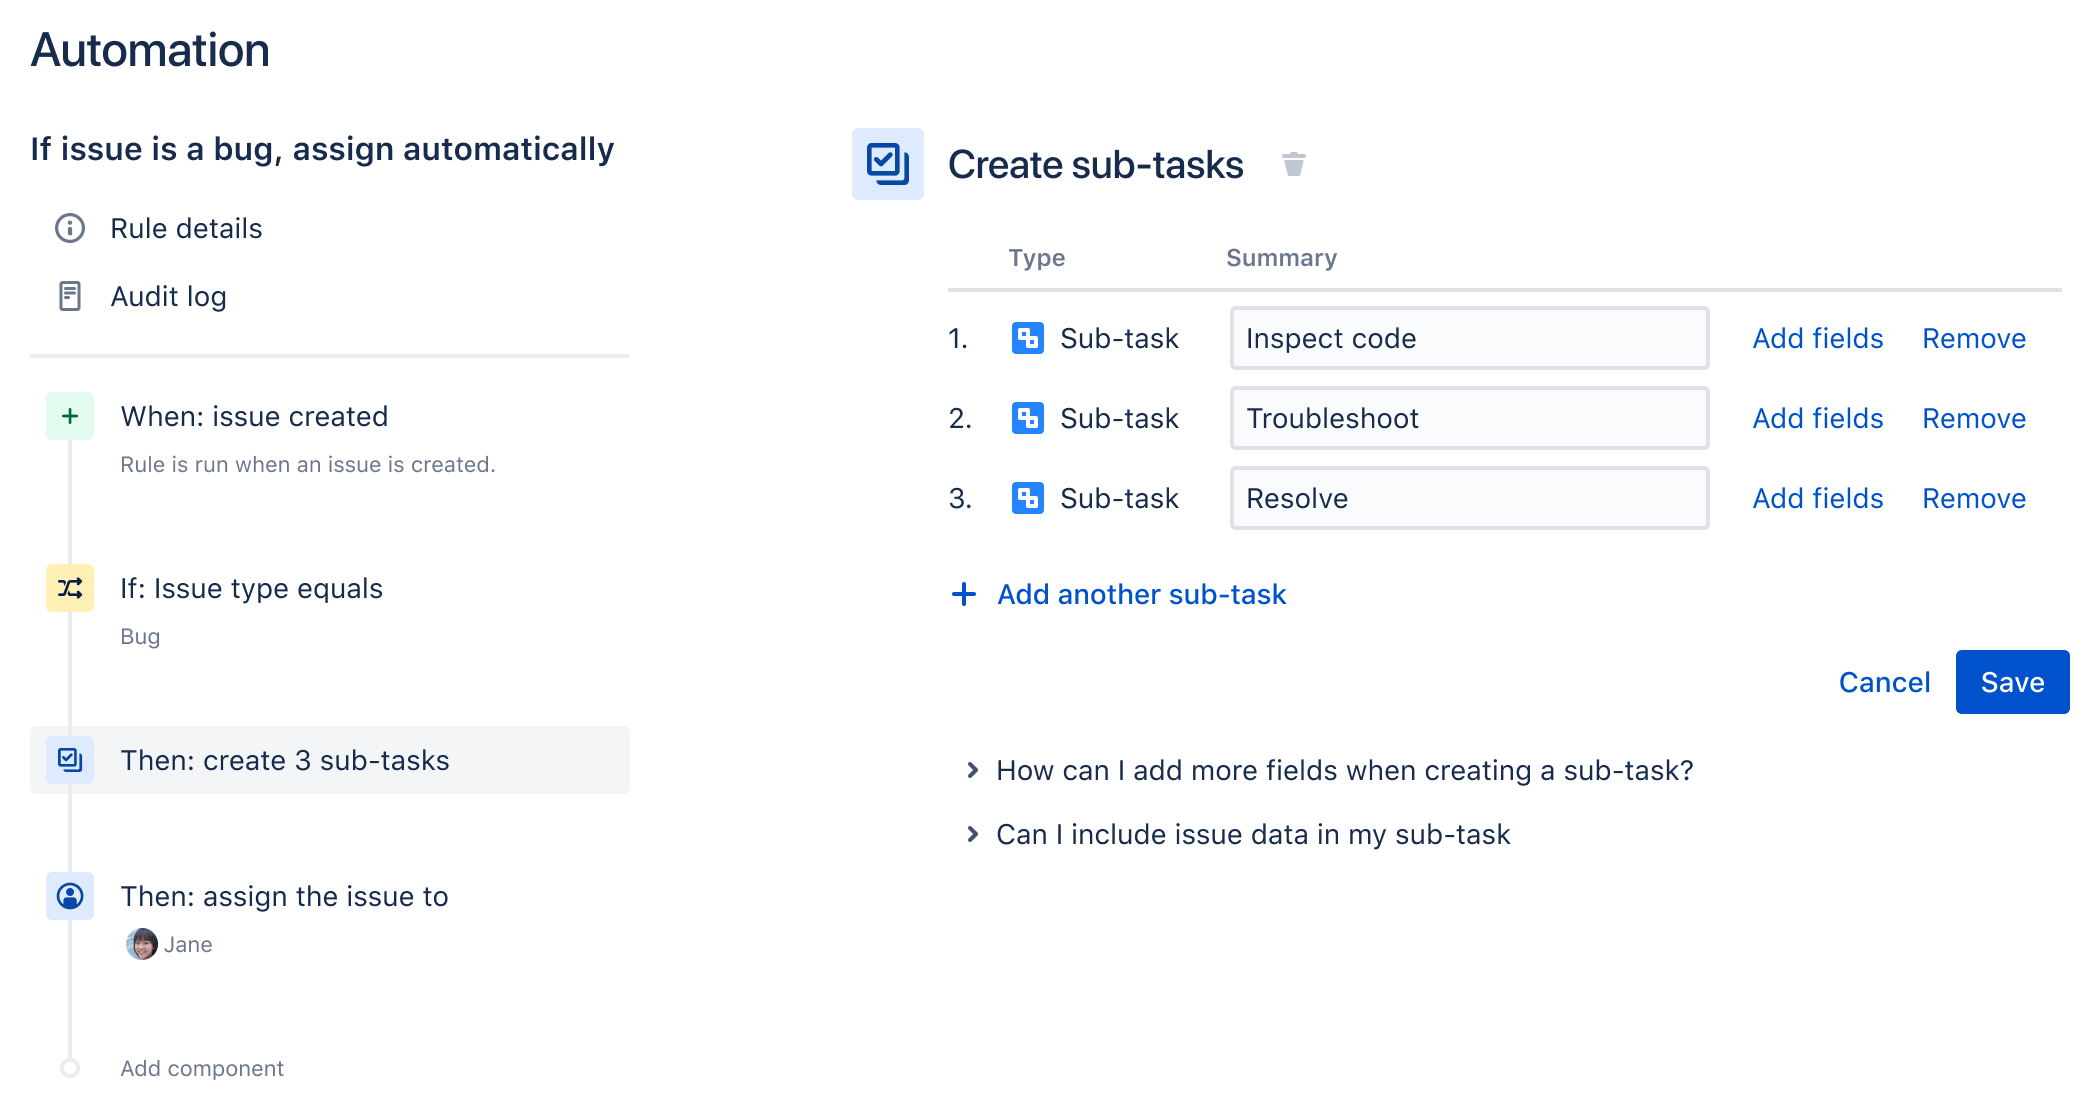 Een voorbeeld van de regelbouwer, die een eenvoudige regel toont die automatisch subtaken aan eventuele nieuwe bugs toevoegt en ze aan een gebruiker toewijst.